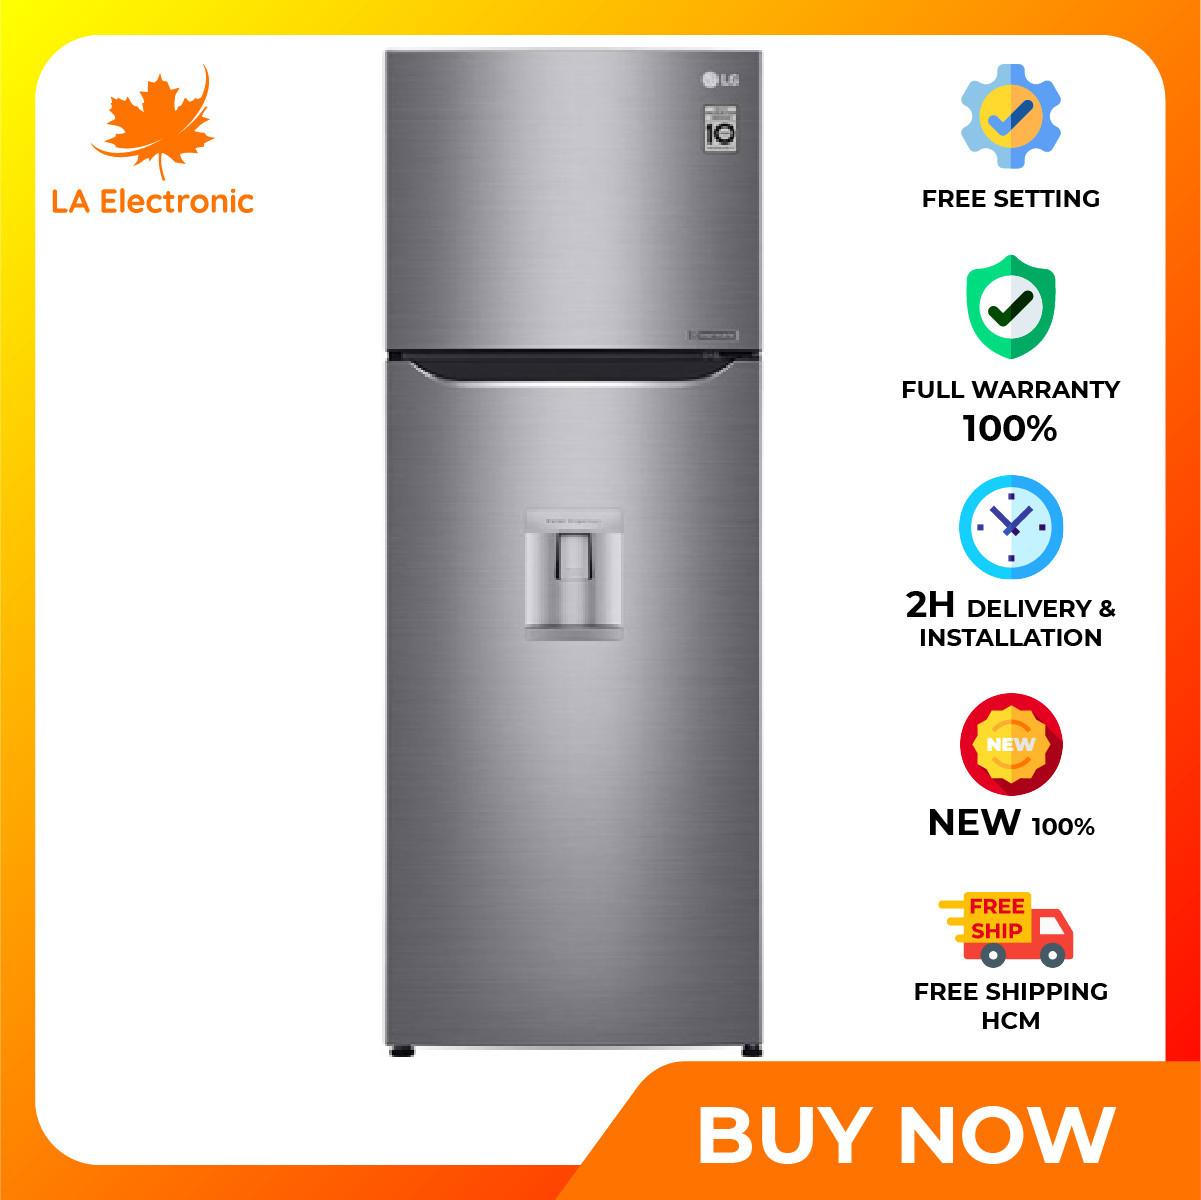 Trả Góp 0% – Tủ Lạnh LG Inverter 255 lít GN-D255PS- Bảo hành 2 năm – Miễn phí vận chuyển HCM